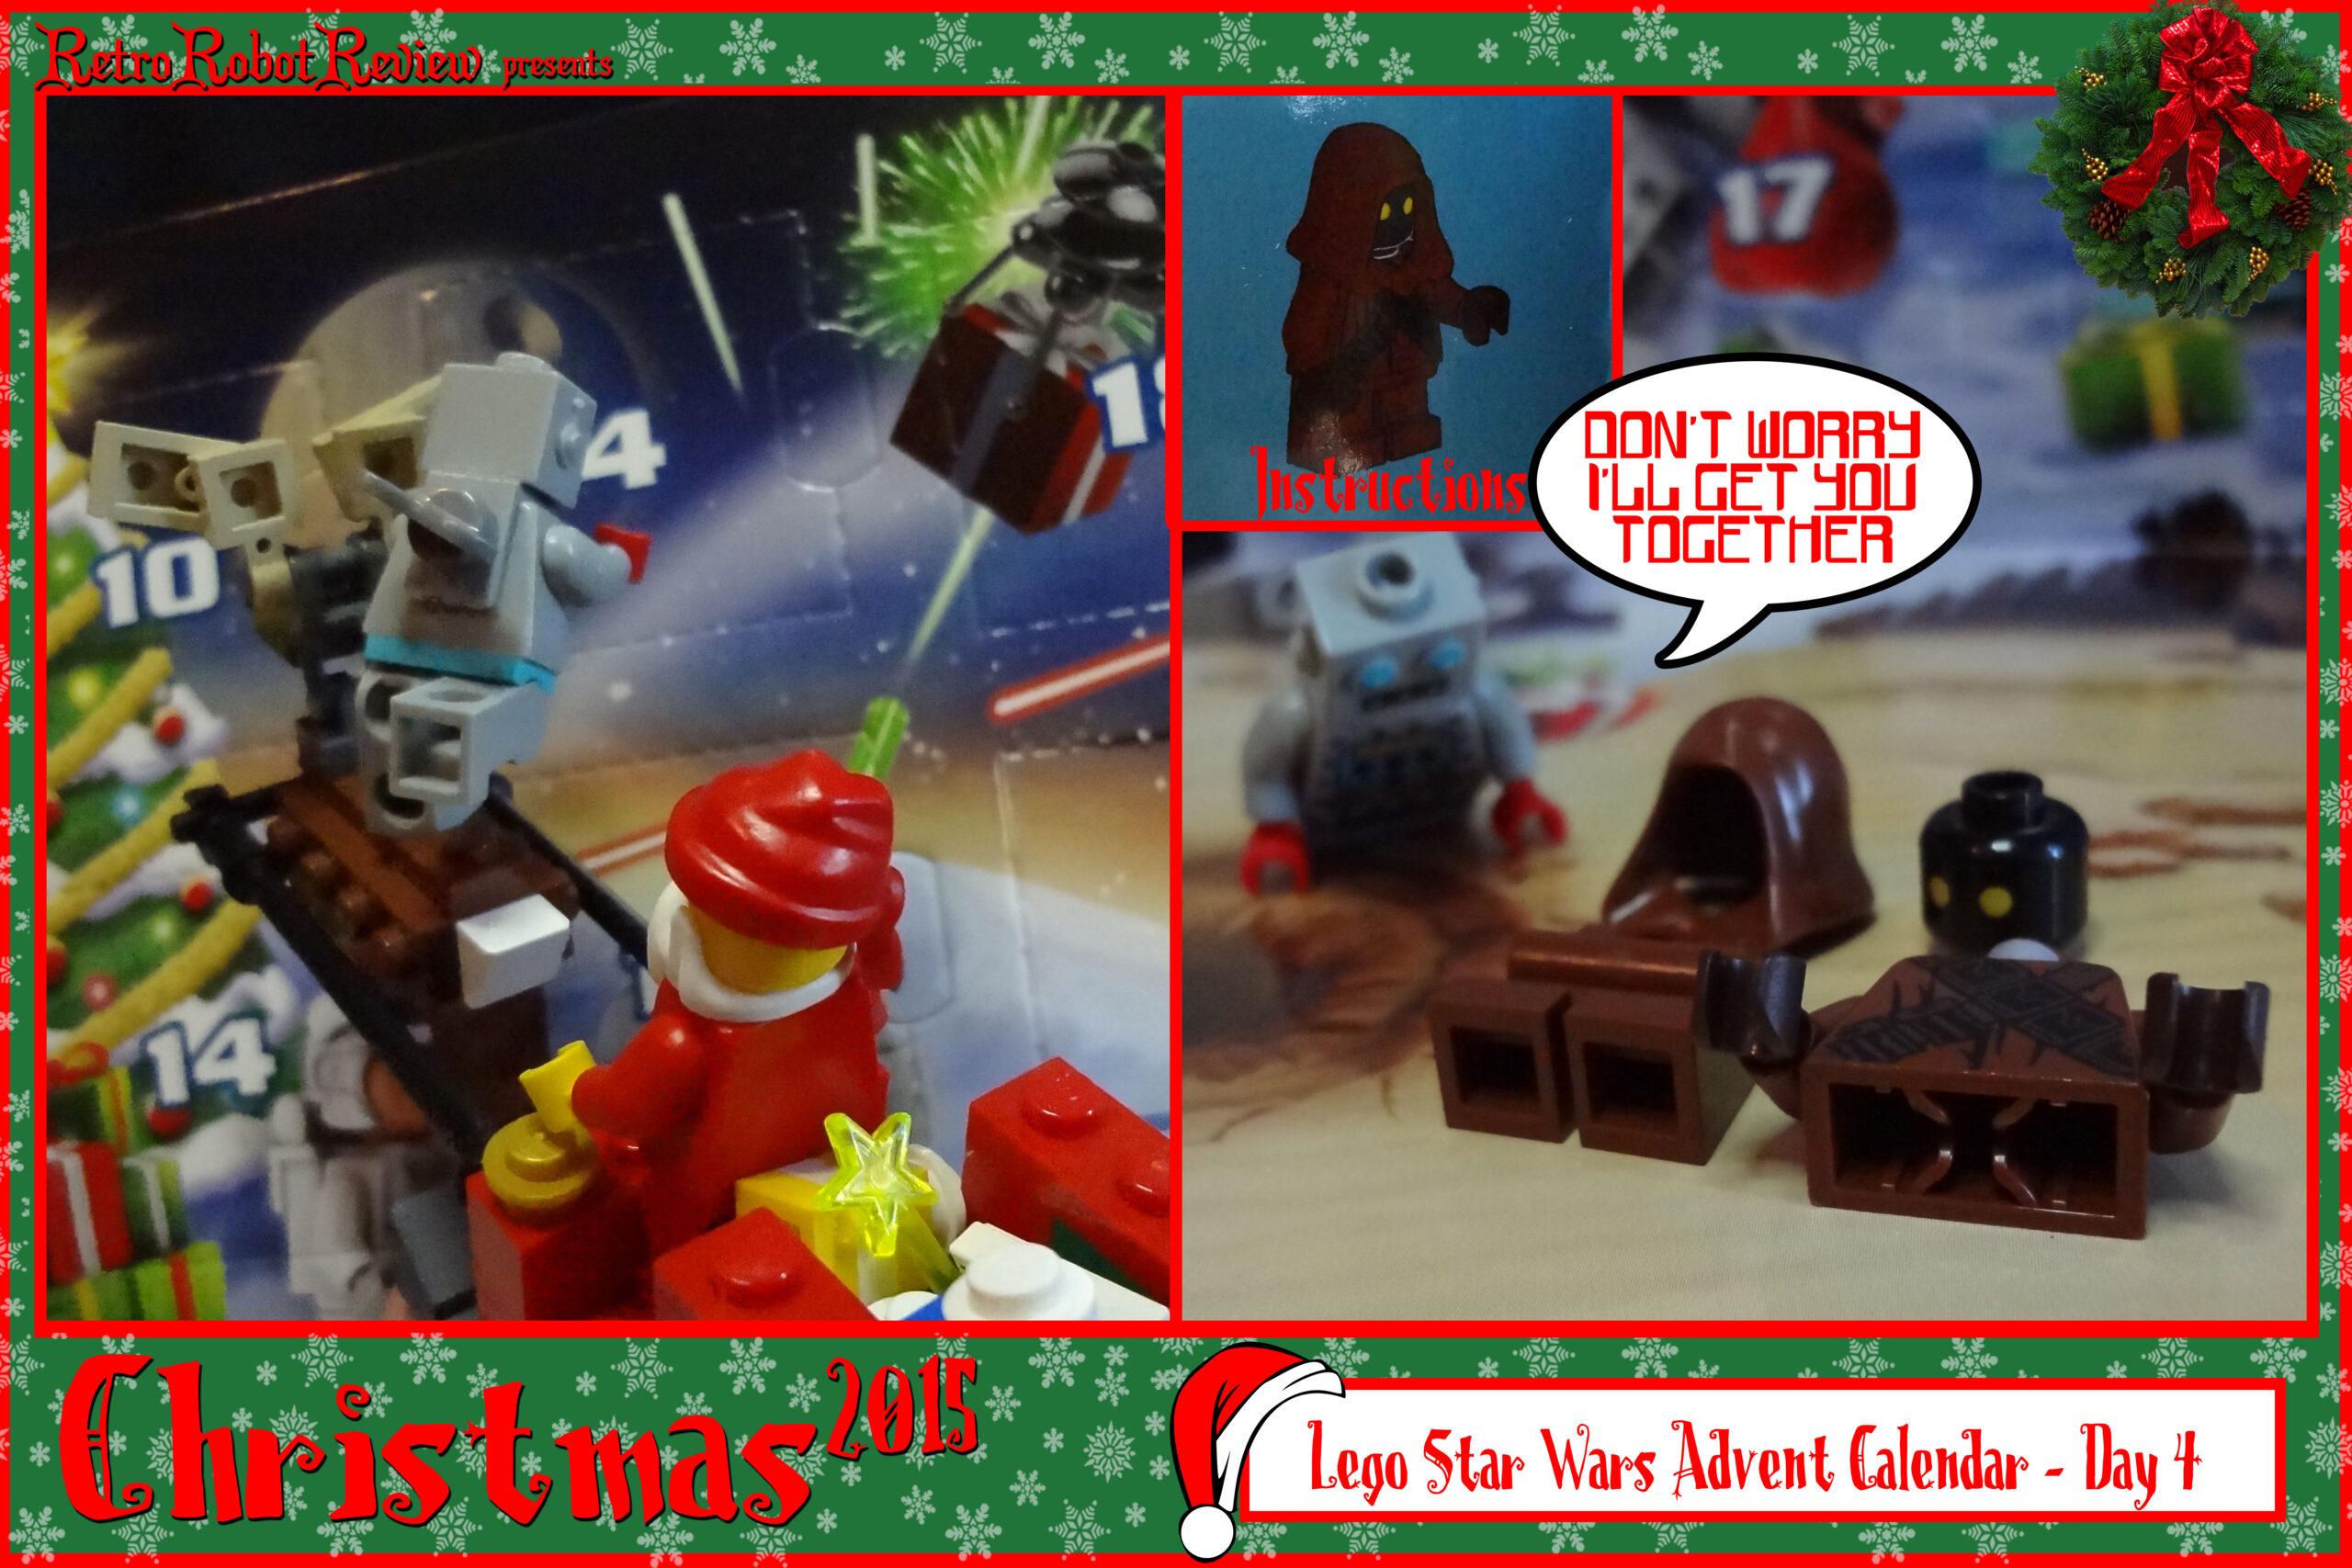 Lego Star Wars Advent Calendar  Day 4 with Lego Star Wars Advent Calendar Instructions